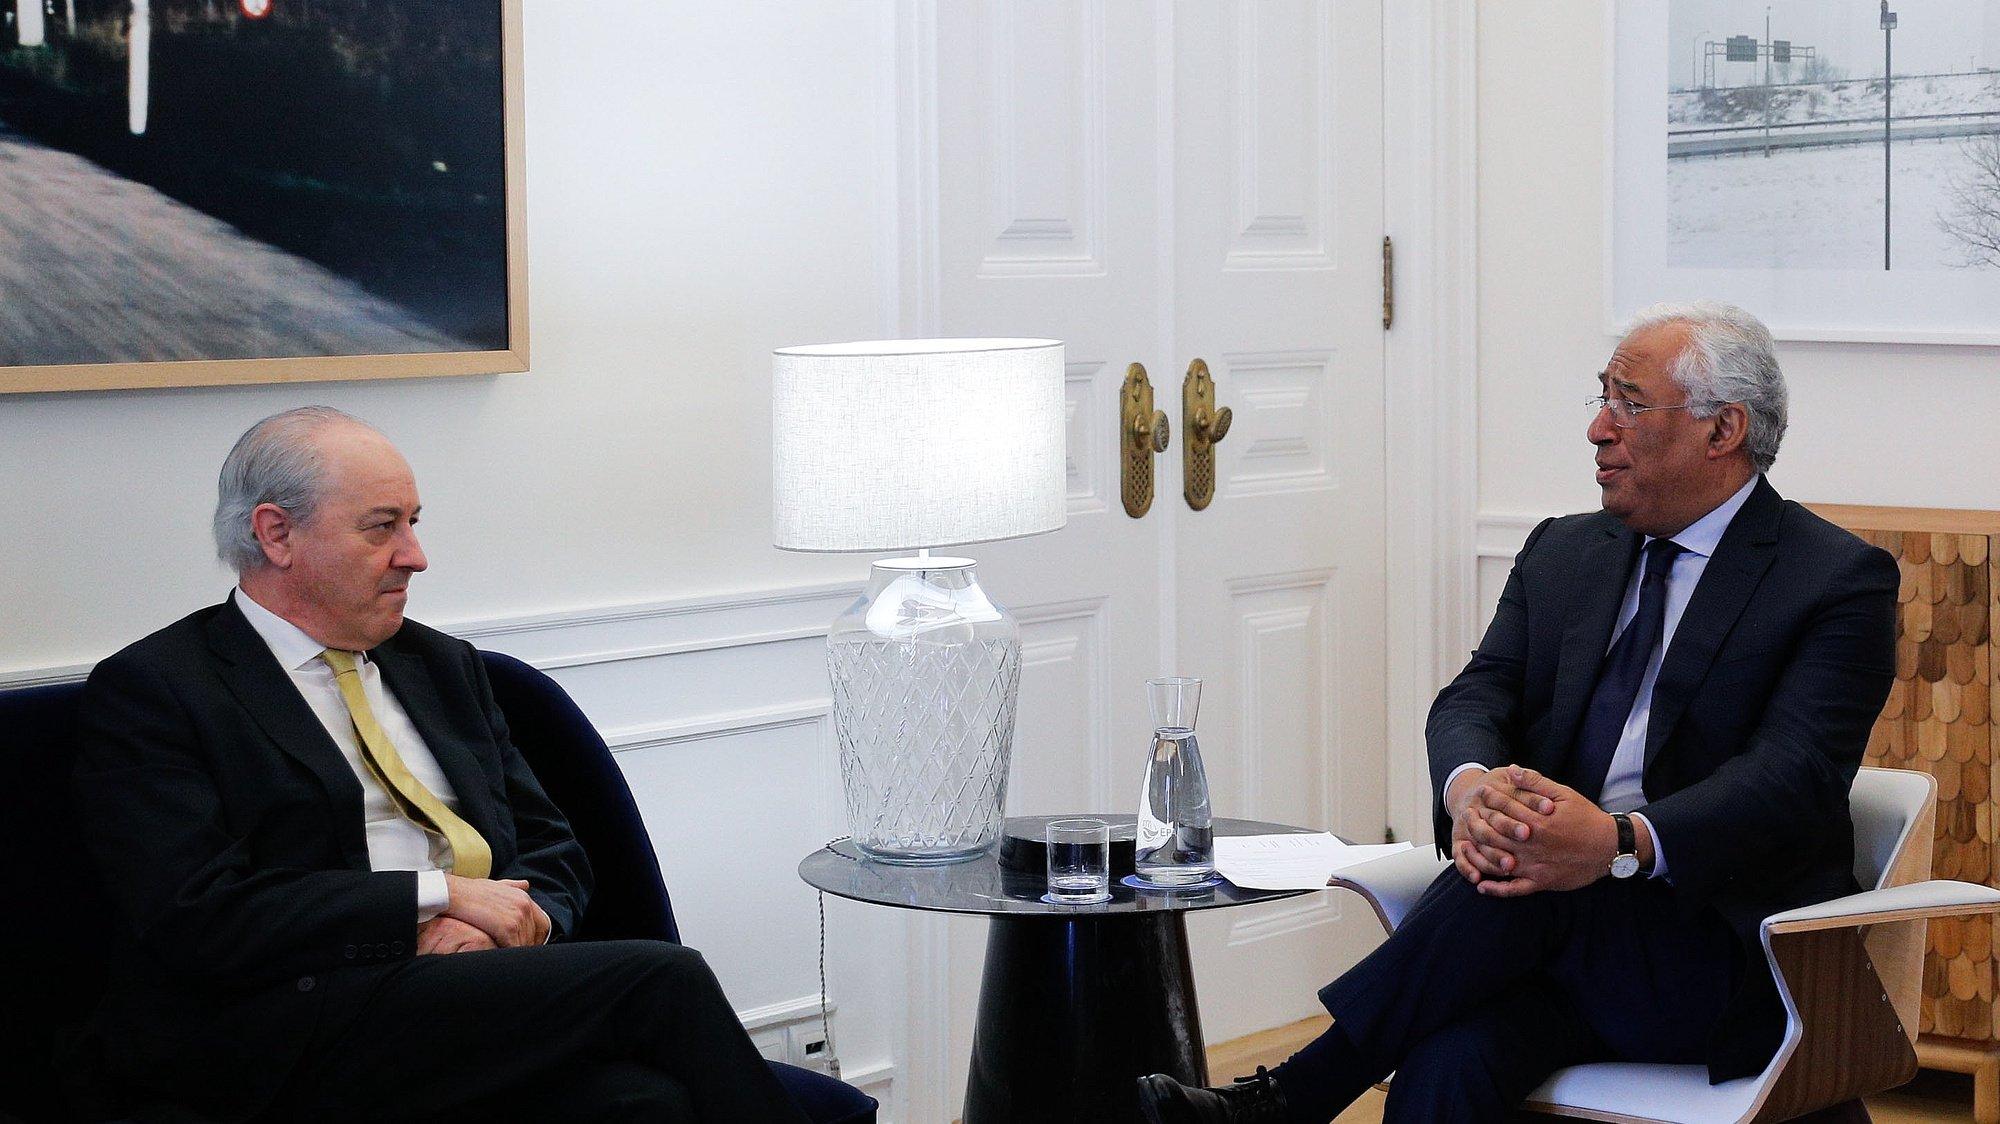 O primeiro-ministro, António Costa (D), conversa com uma delegação do Partido Social Democrata (PSD), liderada por Rui Rio (E), no âmbito das audiências com os partidos com representação parlamentar, na residência oficial de São Bento, em Lisboa, 29 de abril de 2020. O primeiro-ministro recebe hoje os nove partidos políticos com assento parlamentar para uma ronda de audições sobre o calendário e plano de retoma, que será anunciado quinta-feira. ANTÓNIO COTRIM /LUSA